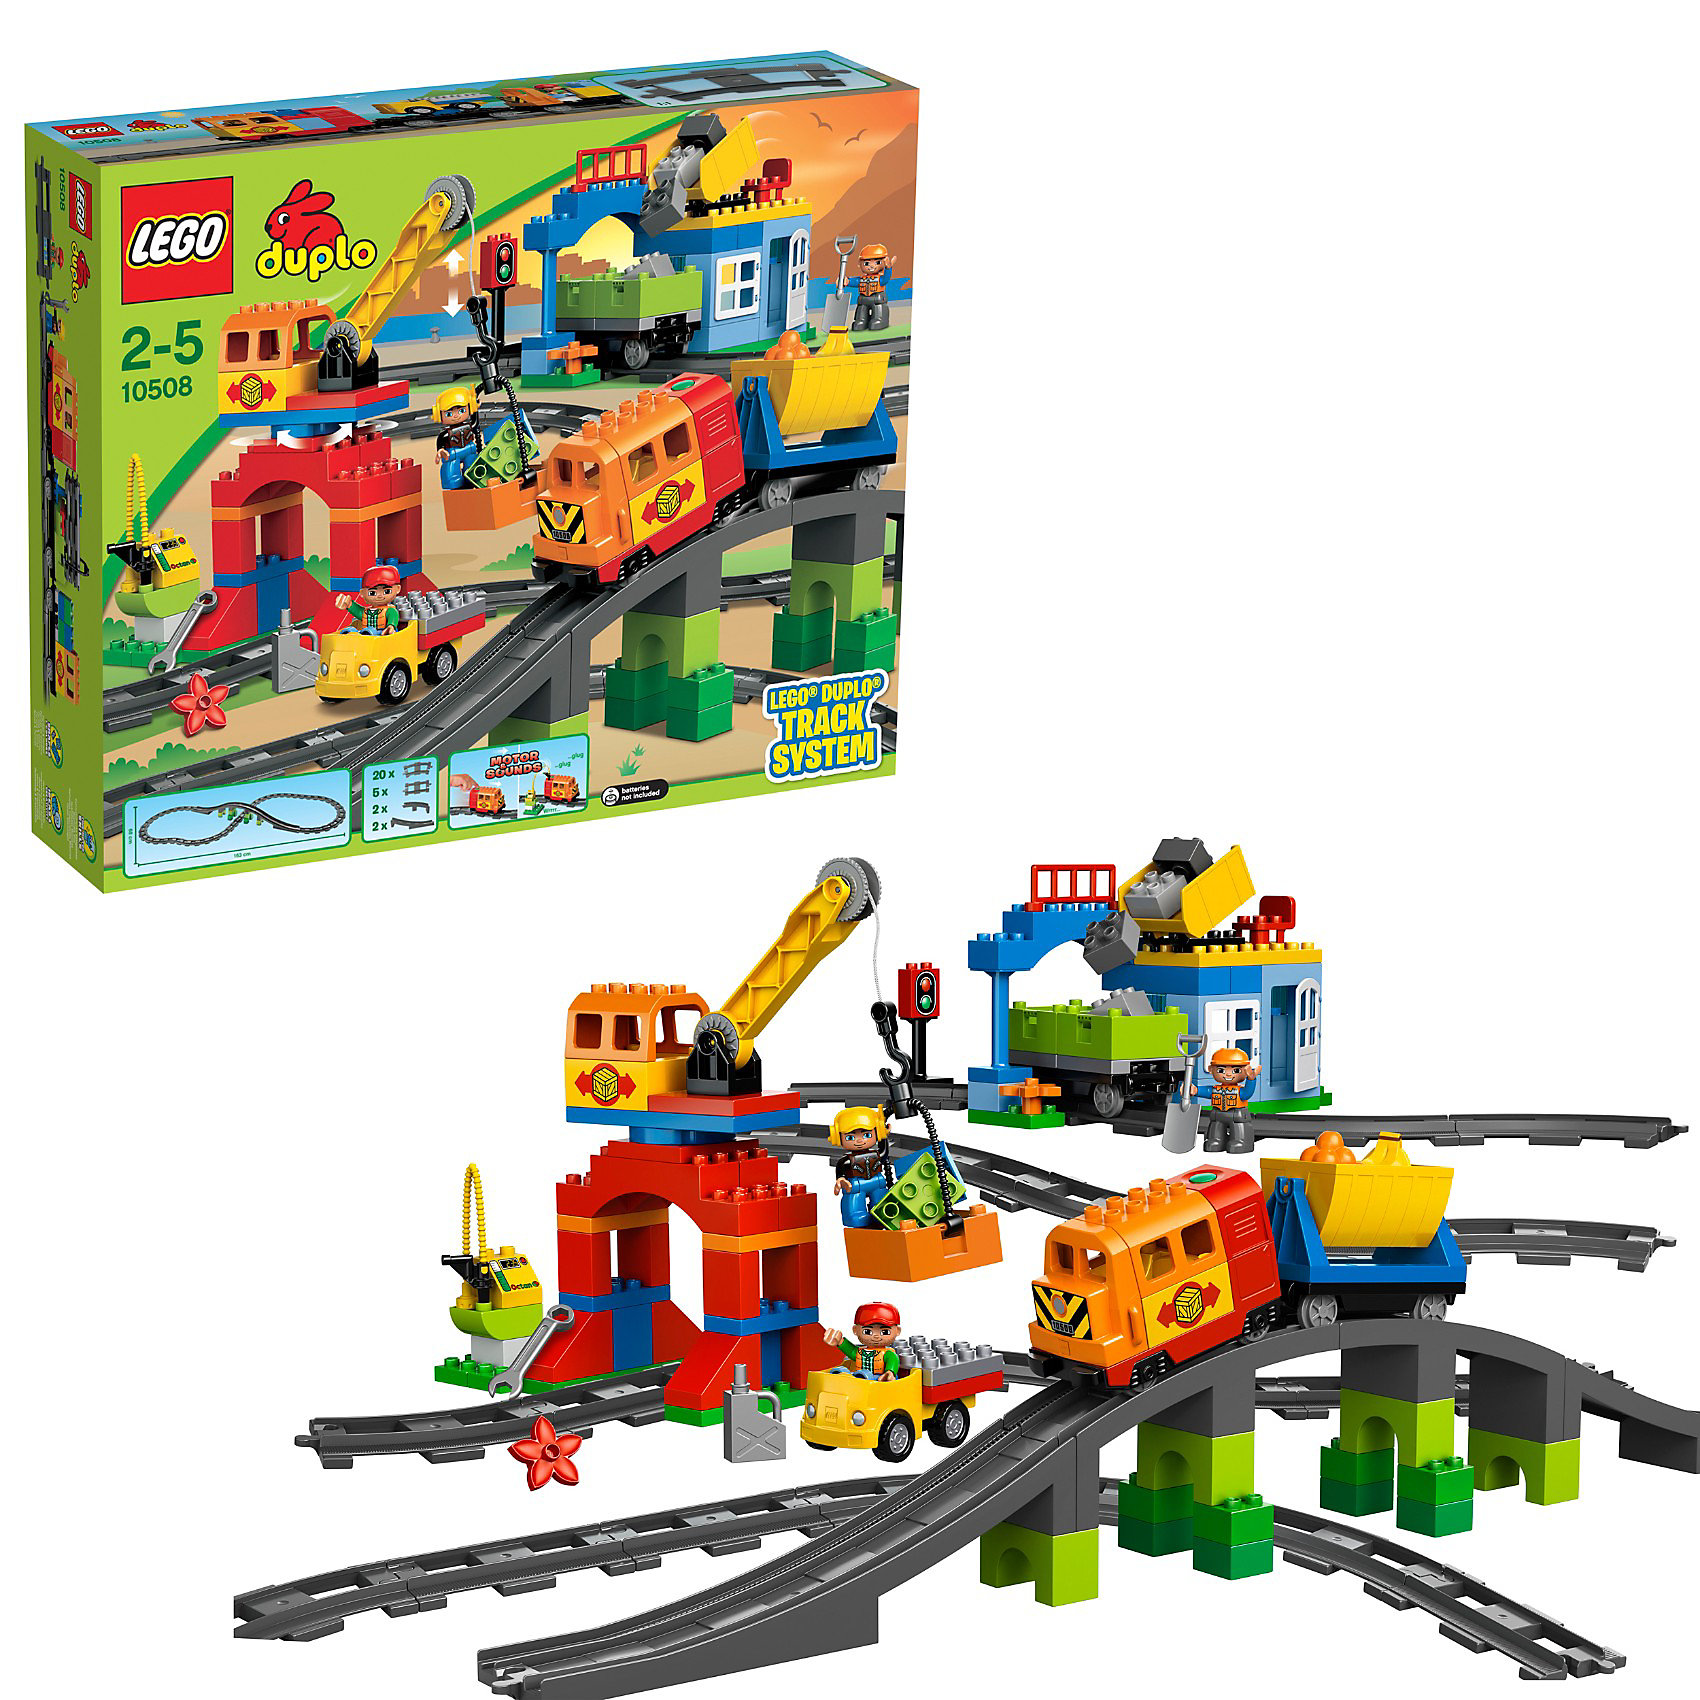 LEGO DUPLO 10508: Большой поездХарактеристики:<br><br>• Предназначение: набор для конструирования, сюжетно-ролевые игры<br>• Пол: универсальный<br>• Материал: пластик<br>• Цвет: голубой, красный, желтый, серый, зеленый<br>• Серия LEGO: DUPLO<br>• Размер упаковки (Д*Ш*В): 15*52*61 см<br>• Вес: 3 кг 450 г<br>• Количество деталей: 134 шт.<br>• Комплектация: детали для локомотива с грузовыми вагончиками, подъемный кран, мост, туннель, заправочный блок, грузовик, мини-фигурки машиниста и рабочих, светофор, карьер<br>• Поезд оснащен звуковыми эффектами<br>• Рельсы протяженностью 163 см<br>• Батарейки: 3 шт. типа АА (в комплект не входят)<br><br><br>LEGO DUPLO 10508: Большой поезд набор от всемирно известного производителя конструкторов для детей всех возрастных категорий. LEGO DUPLO 10508: Большой поезд является не только базовым набором железнодорожной тематики, но и может быть в качестве дополнения к набору LEGO DUPLO 10507: Мой первый поезд. Элементы конструктора позволяют собрать все атрибуты грузовой железнодорожной станции: карьер, подъемный кран, заправочный блок, грузовик и др. Паровозик оснащен звуковыми эффектами. В наборе имеются фигурки машиниста поезда и работников карьера. В комплекте предусмотрена яркая инструкция, которая научит вашего ребенка действовать по образцу. Все детали конструктора крупные, не имеют острых углов и мелких деталей, поэтому производитель рекомендует набор для детей от 1,5 лет.<br>Игры с конструкторами LEGO развивают усидчивость, внимательность, мелкую моторику рук, способствуют формированию инженерного мышления. С набором LEGO DUPLO 10508: Большой поезд ваш ребенок сможет придумывать целые сюжетные истории, развивая тем самым воображение и обогащая свой словарный запас. <br><br>LEGO DUPLO 10508: Большой поезд можно купить в нашем интернет-магазине.<br><br>Ширина мм: 583<br>Глубина мм: 477<br>Высота мм: 132<br>Вес г: 3134<br>Возраст от месяцев: 24<br>Возраст до месяцев: 60<br>Пол: Мужской<br>Возраст: Детский<br>SKU: 3145437